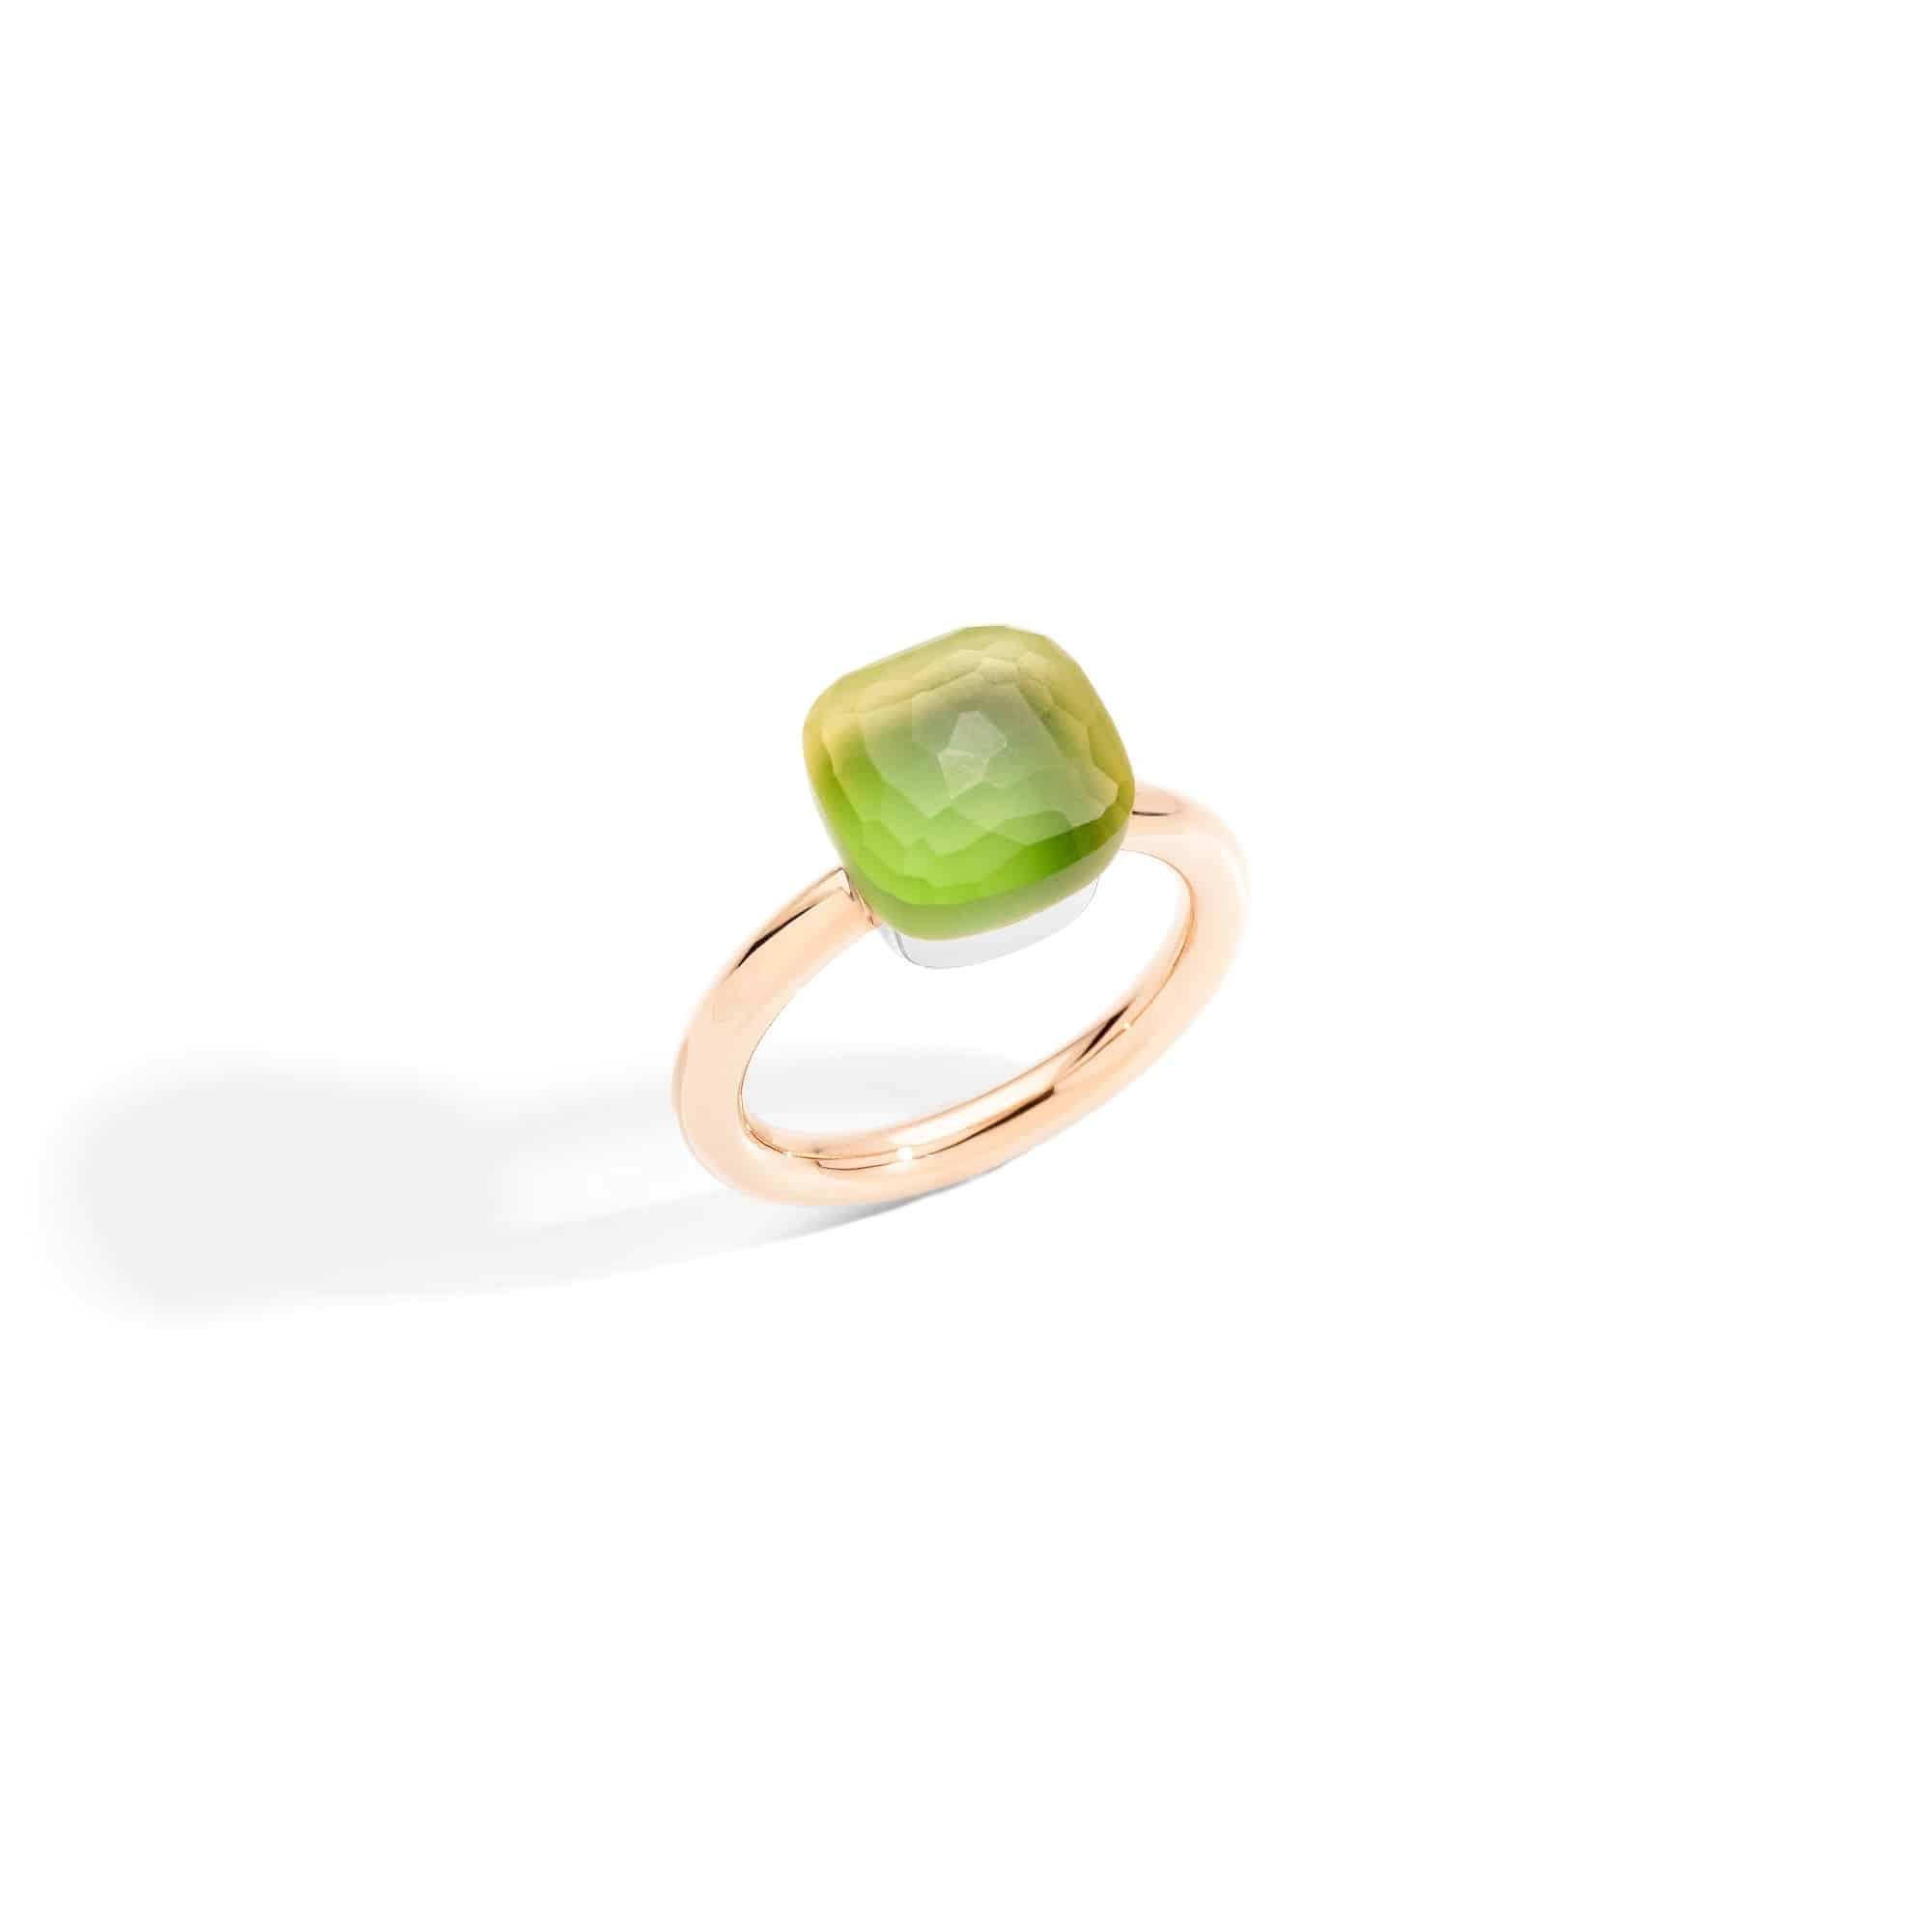 Pomellato Nudo Ring aus Roségold mit Zitronenquarz und Chrysopras